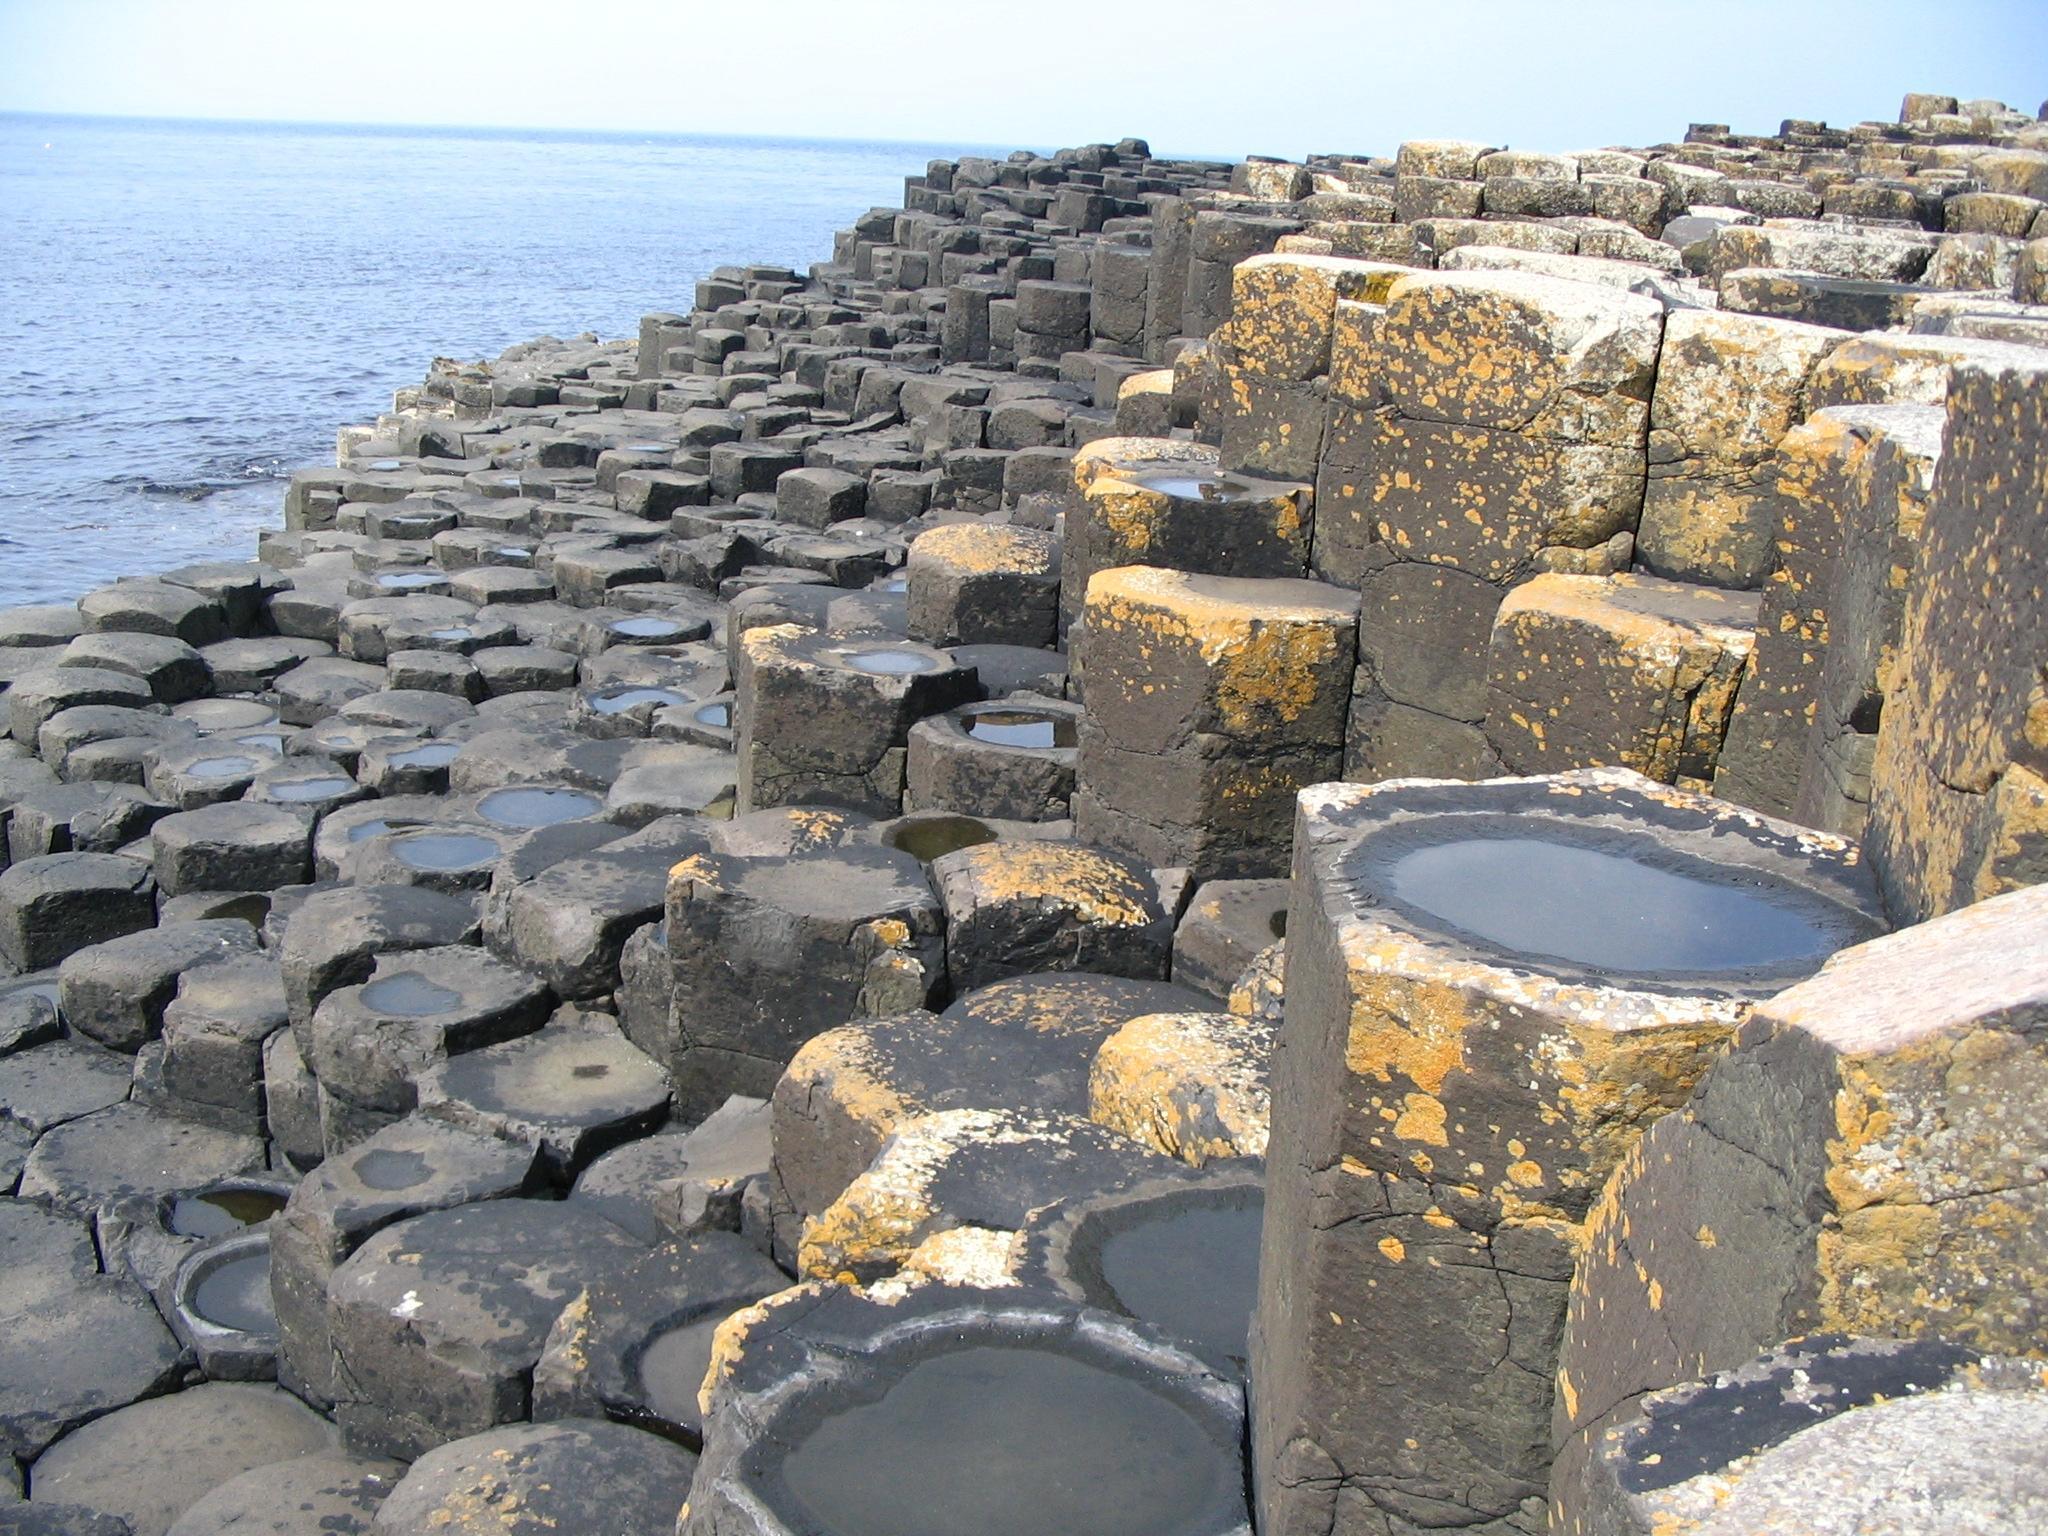 Wie de strakke geometrische polygonen bekijkt, krijgt eerder de indruk van een door de mens (of andere beschaving) gecreëerd bouwwerk, dan dat deze rotsblokken het resultaat zouden zijn van een natuurfenomeen, zoals een vulkaanuitbarsting